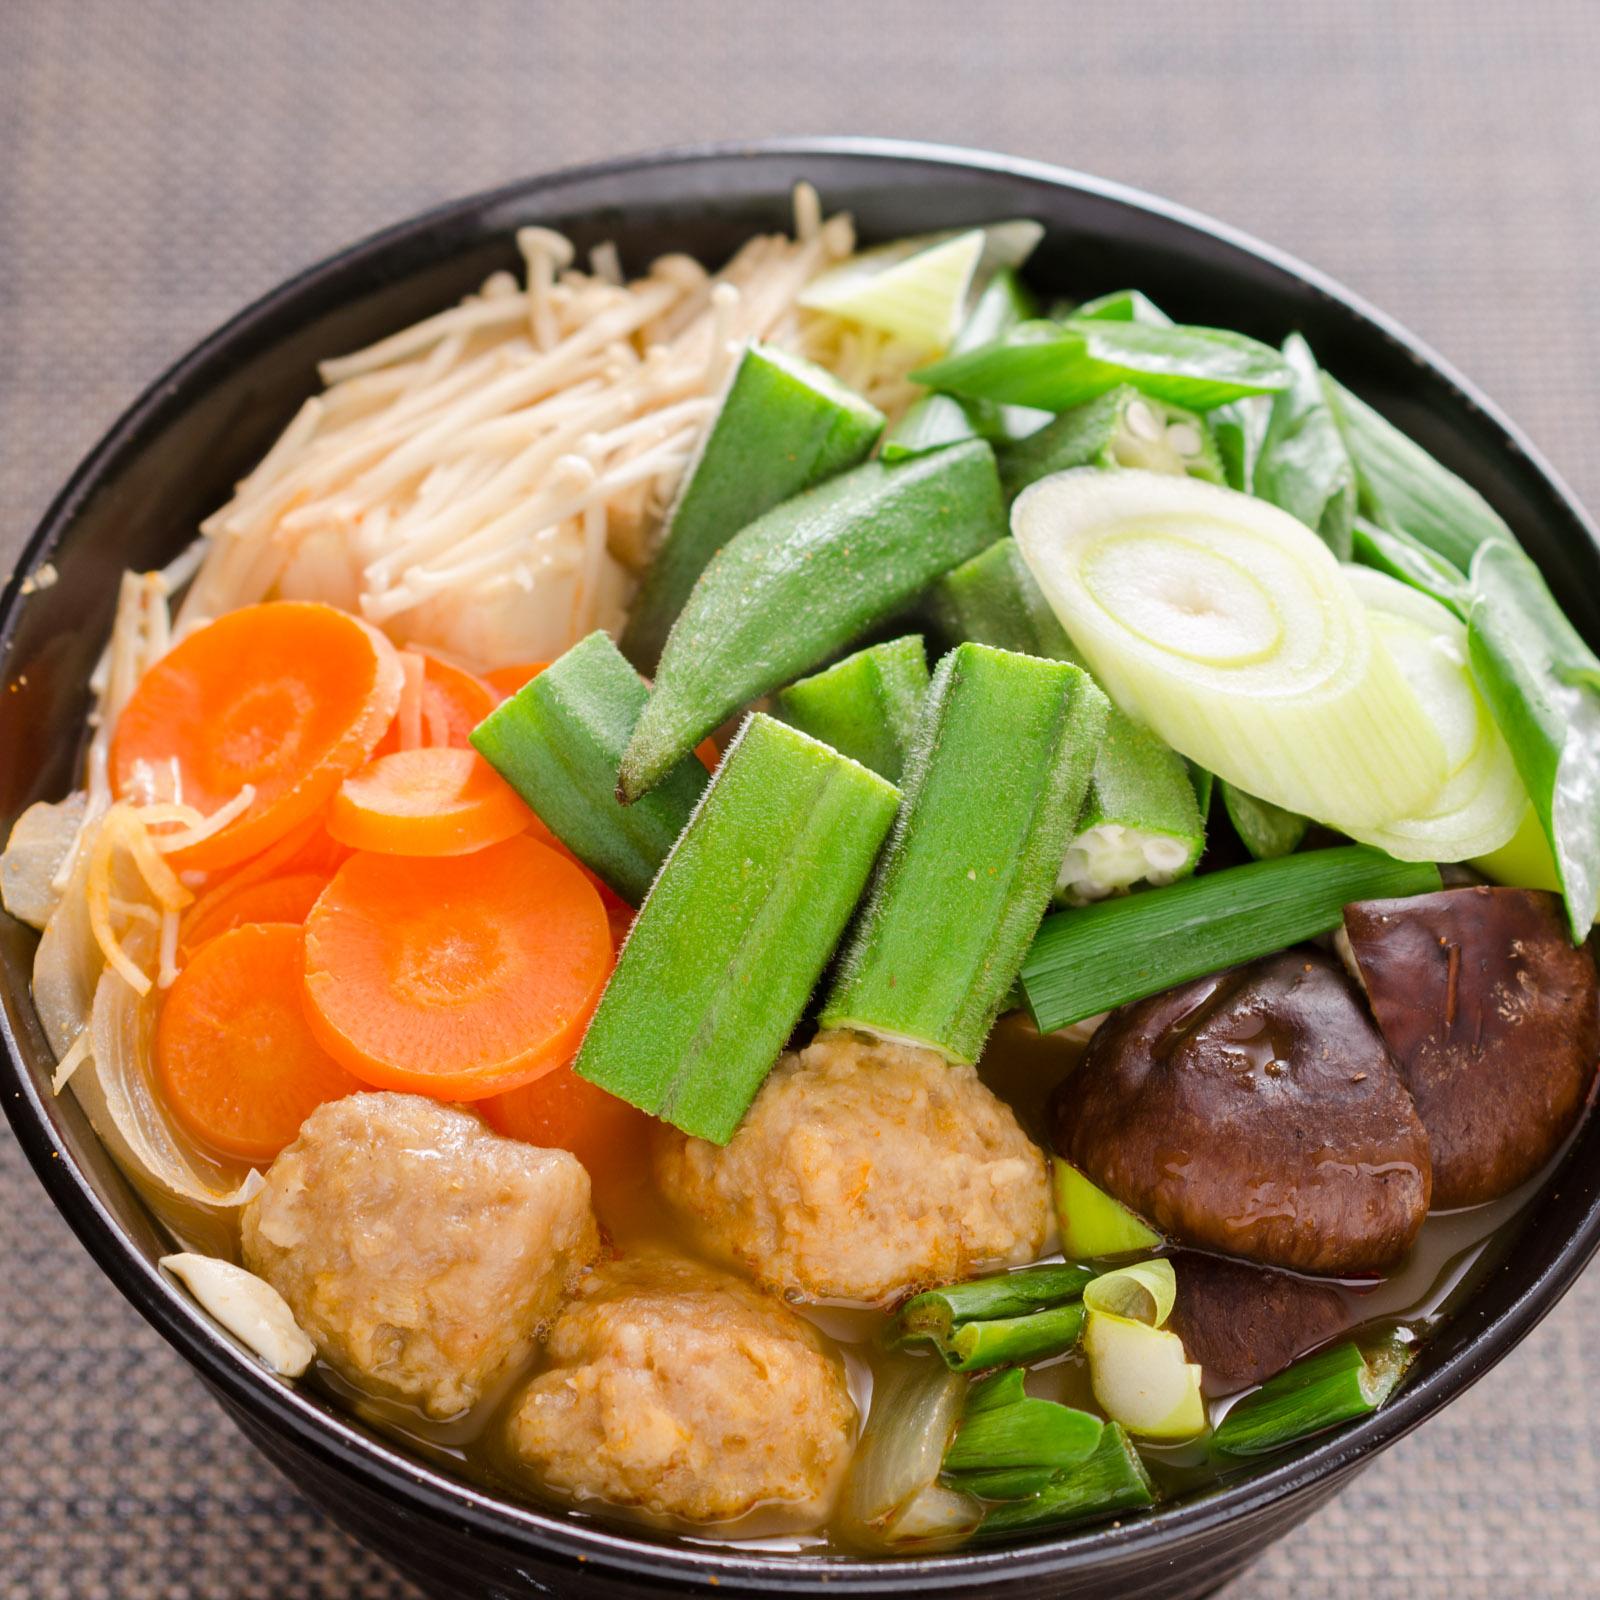 麺が見えないキムチ鍋うどん NIKON D500 + SIGAMA 50mm